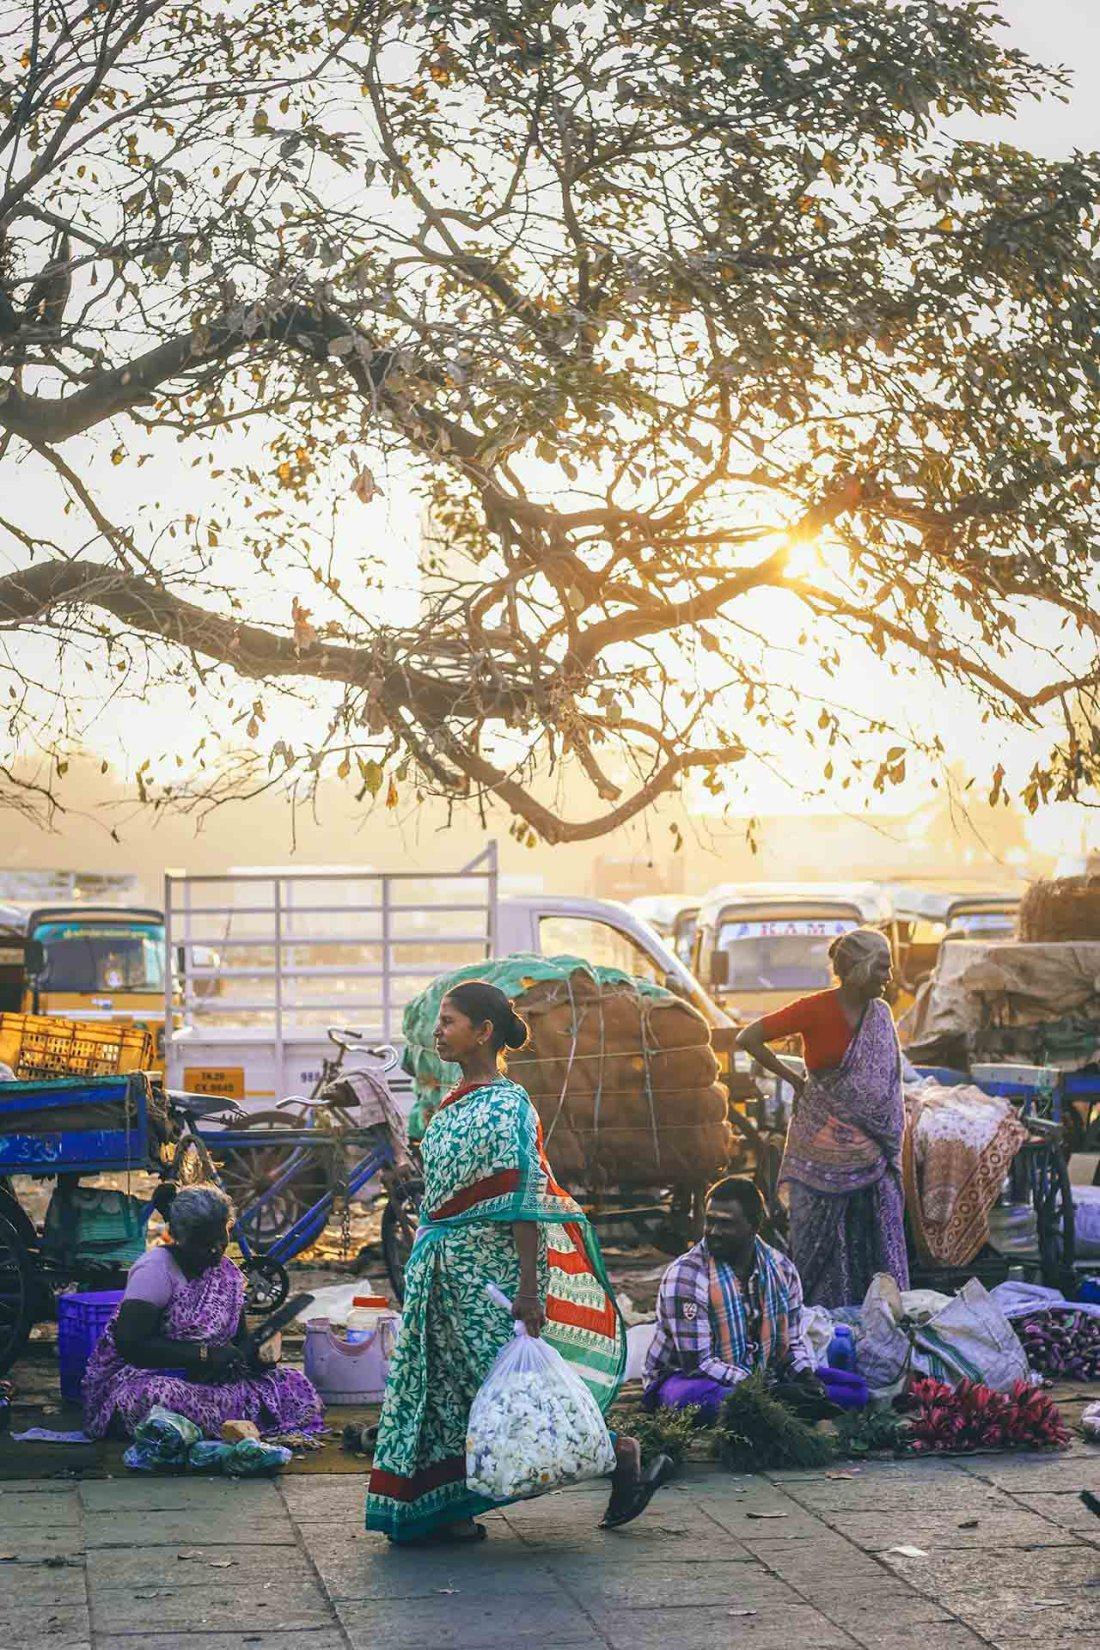 Schmutziges Sinnbild in Indien